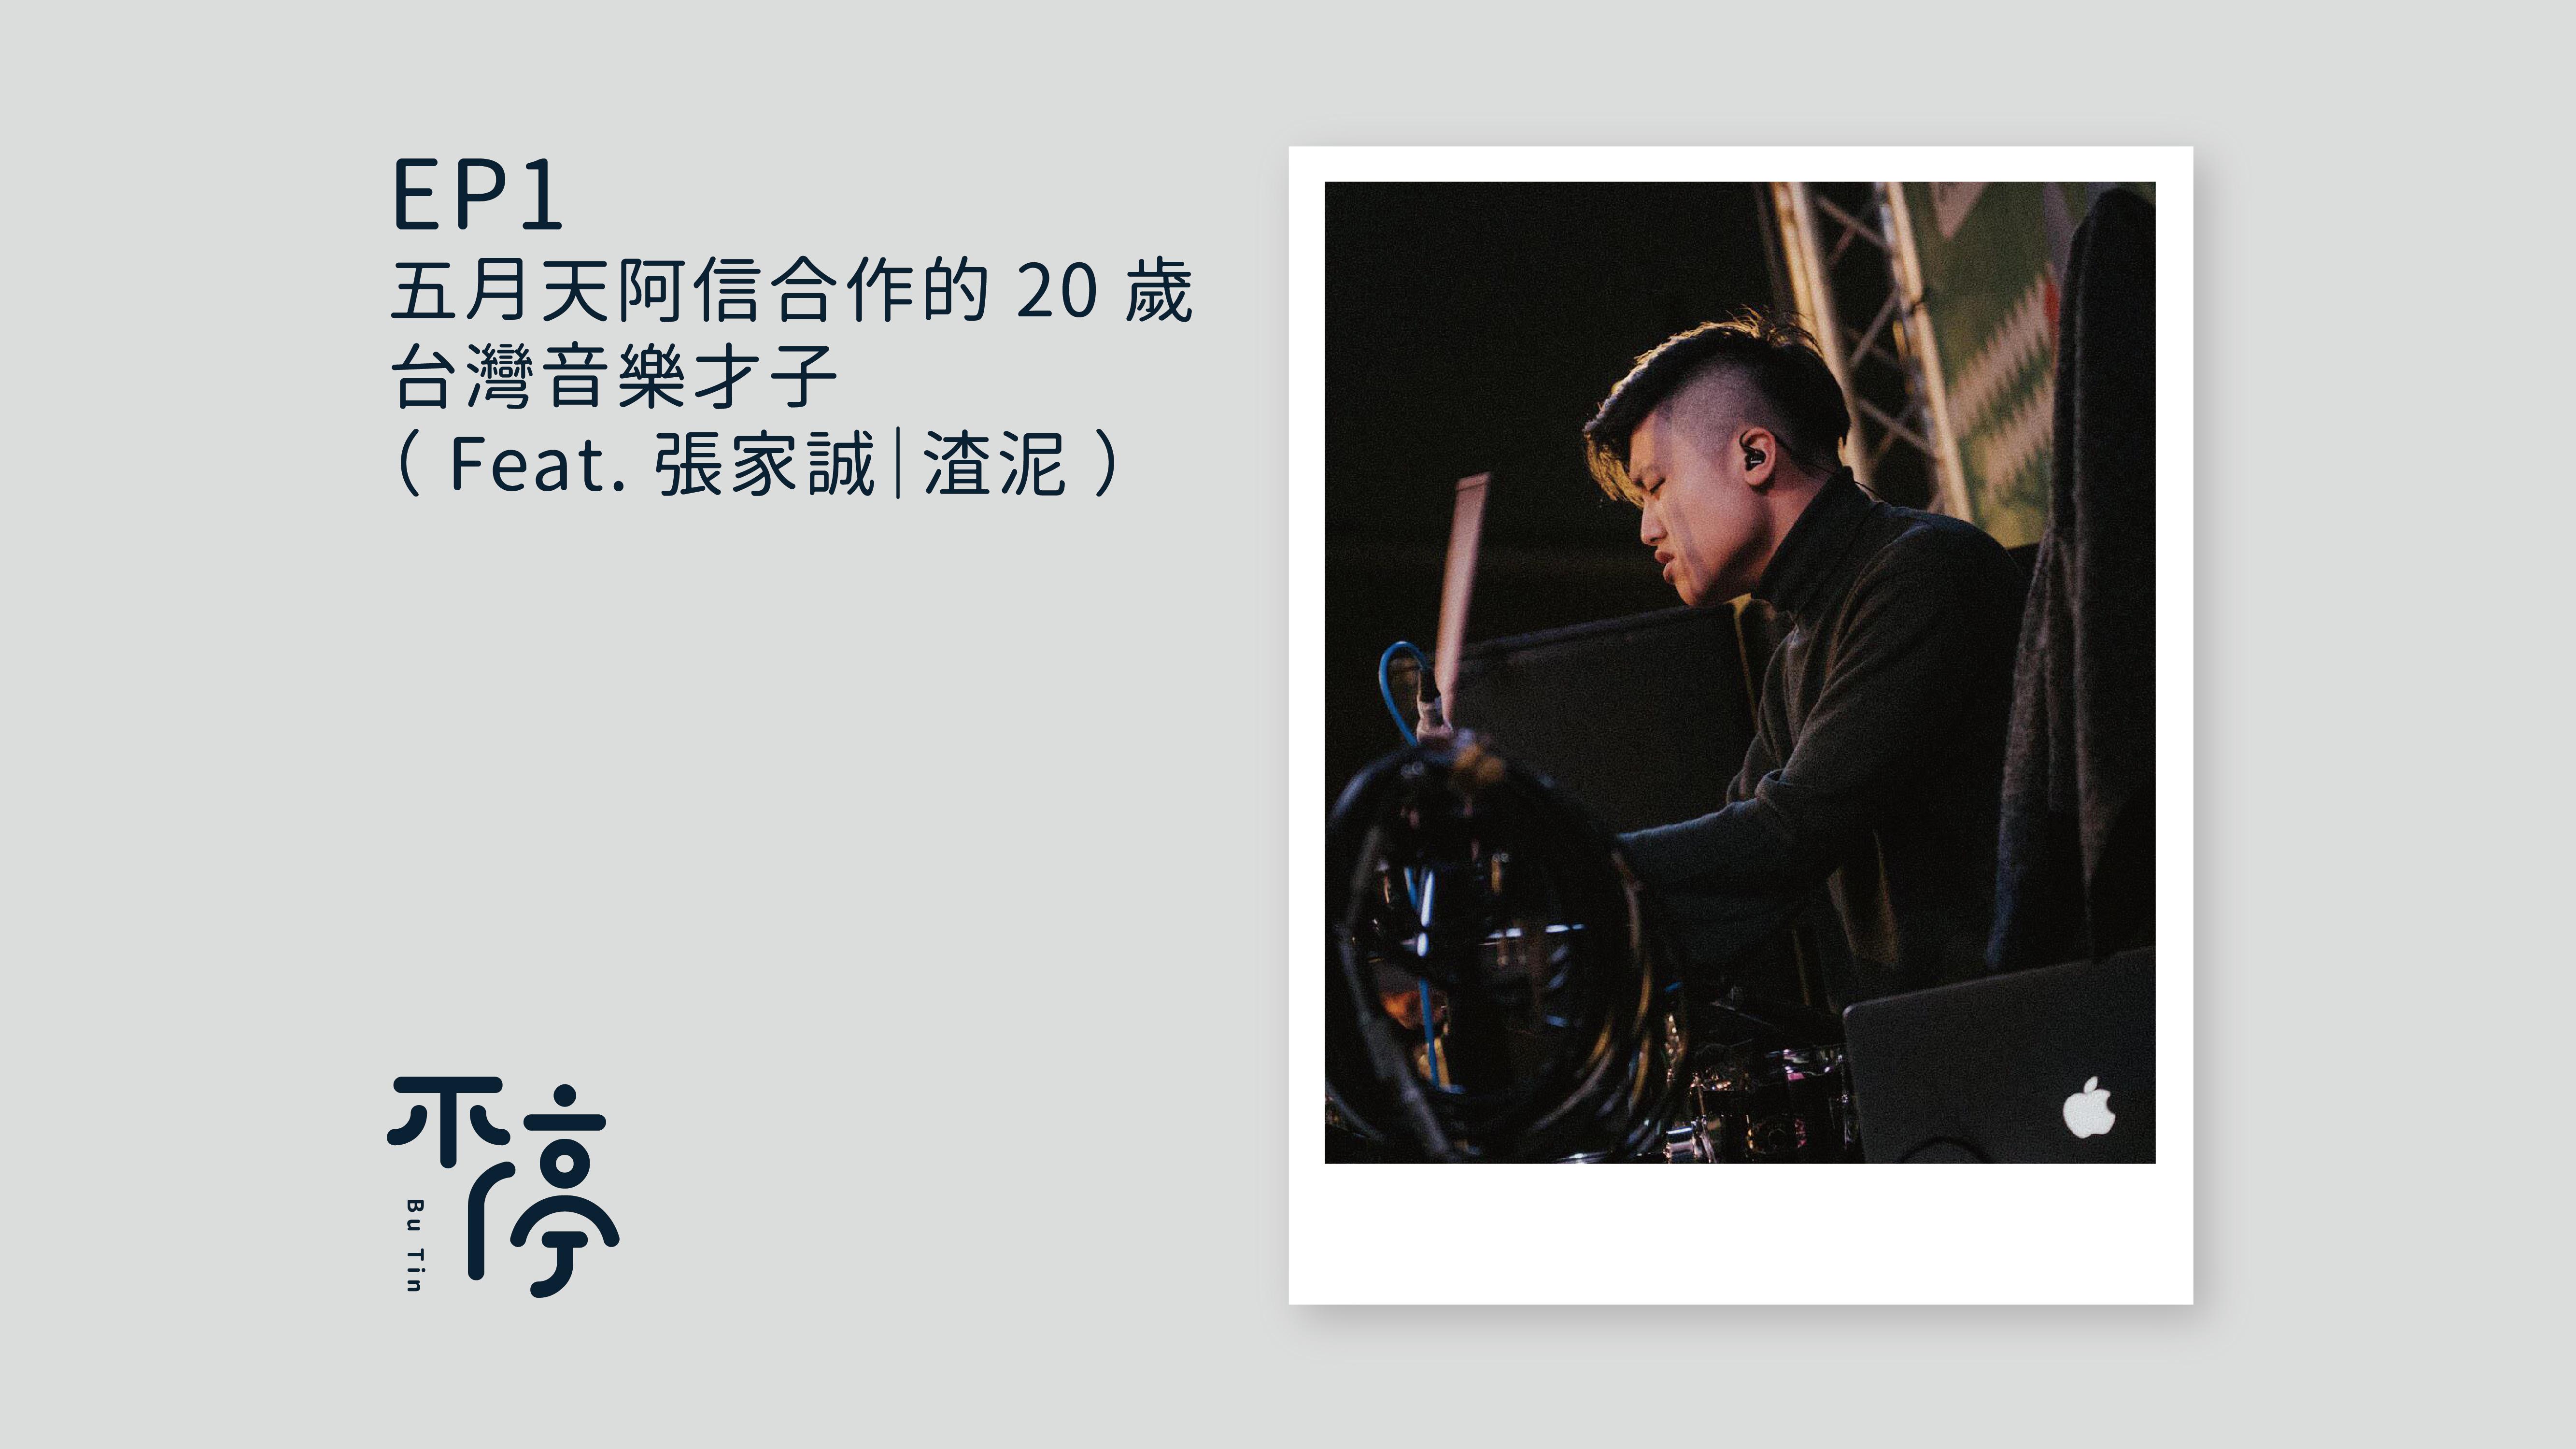 EP1 - 五月天阿信合作的 20 歲台灣音樂才子( 音樂家 - 渣泥ZANI 張家誠 )